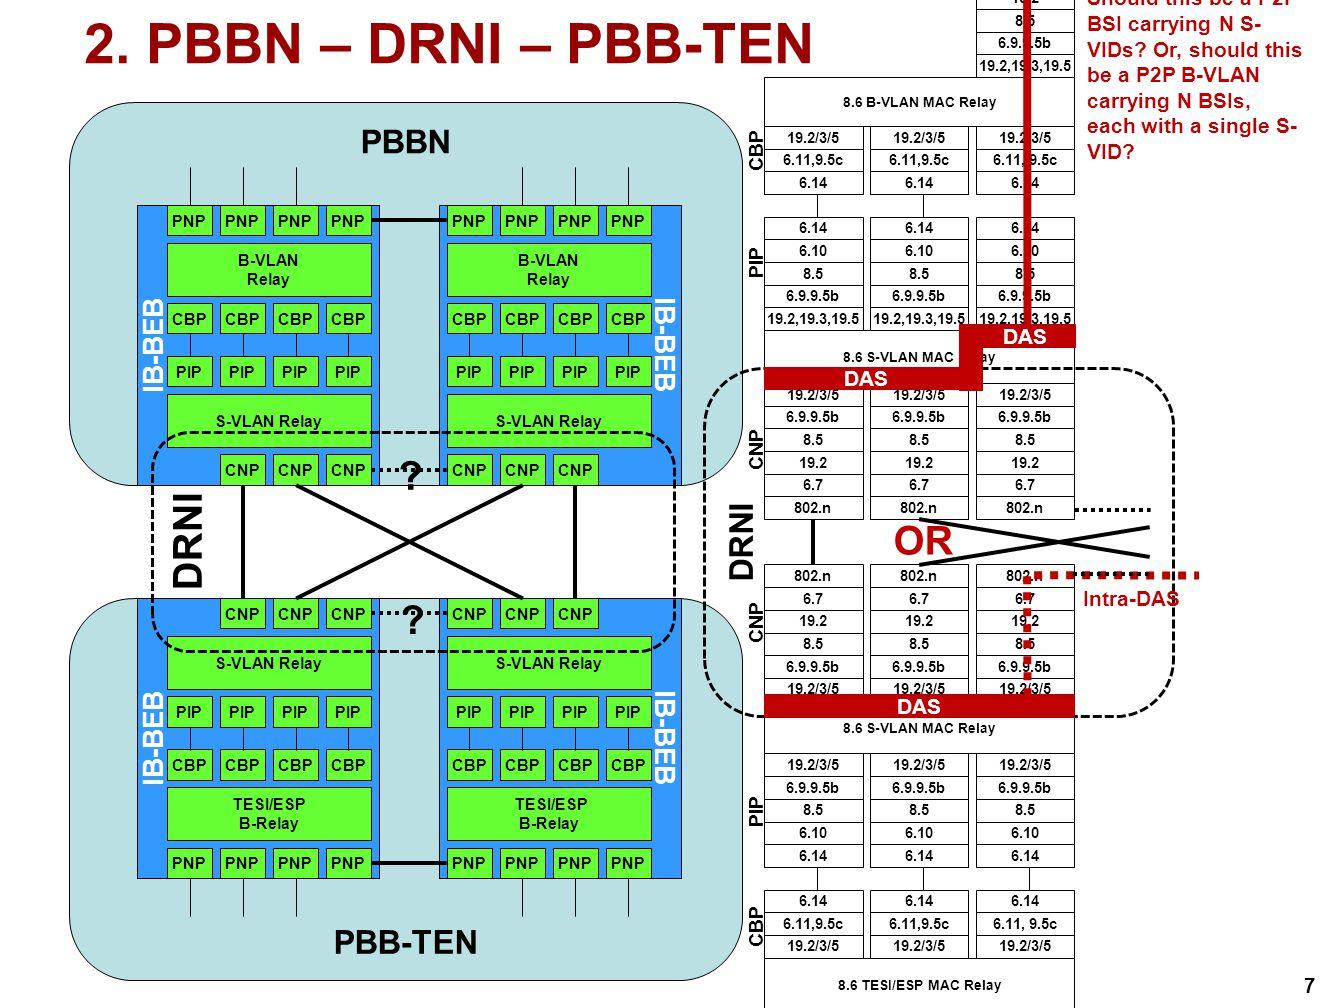 7 PBBN IB-BEB S-VLAN Relay B-VLAN Relay PNP IB-BEB S-VLAN Relay PIP B-VLAN Relay CBP PNP PBB-TEN IB-BEB 2.